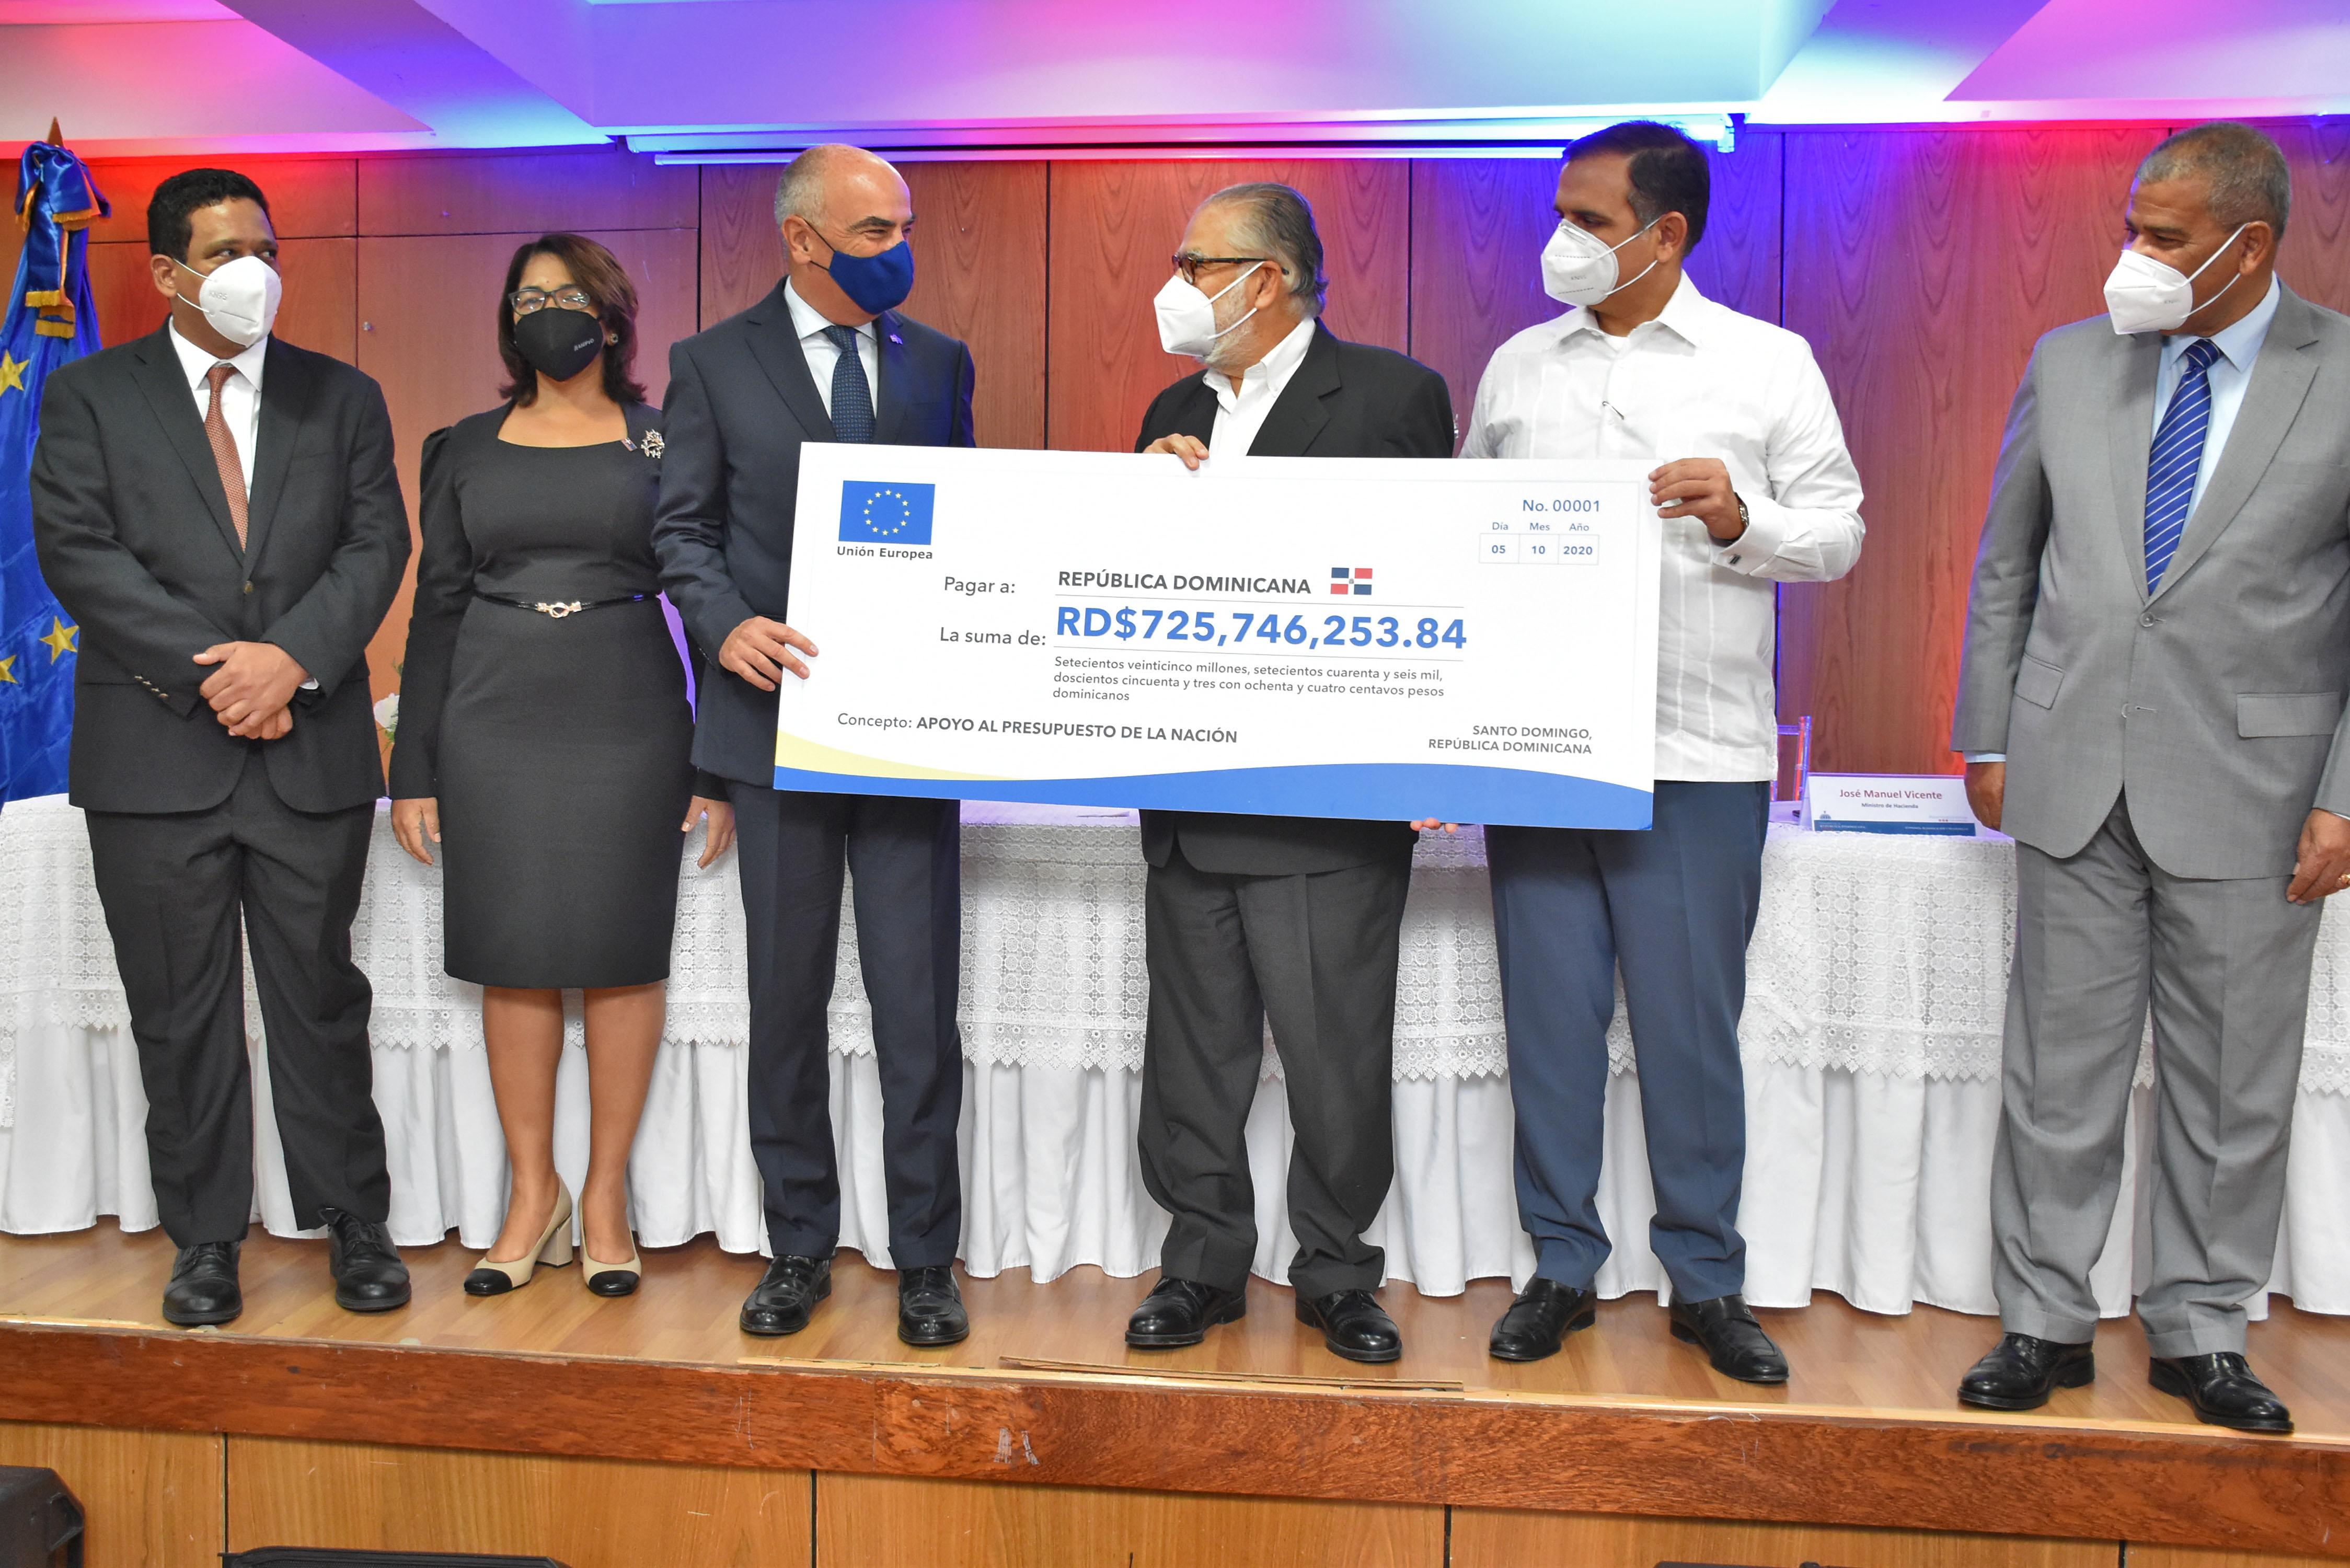 República Dominicana recibe en donación más RD$725 millones  de la Unión Europea como apoyo al Presupuesto Nacional